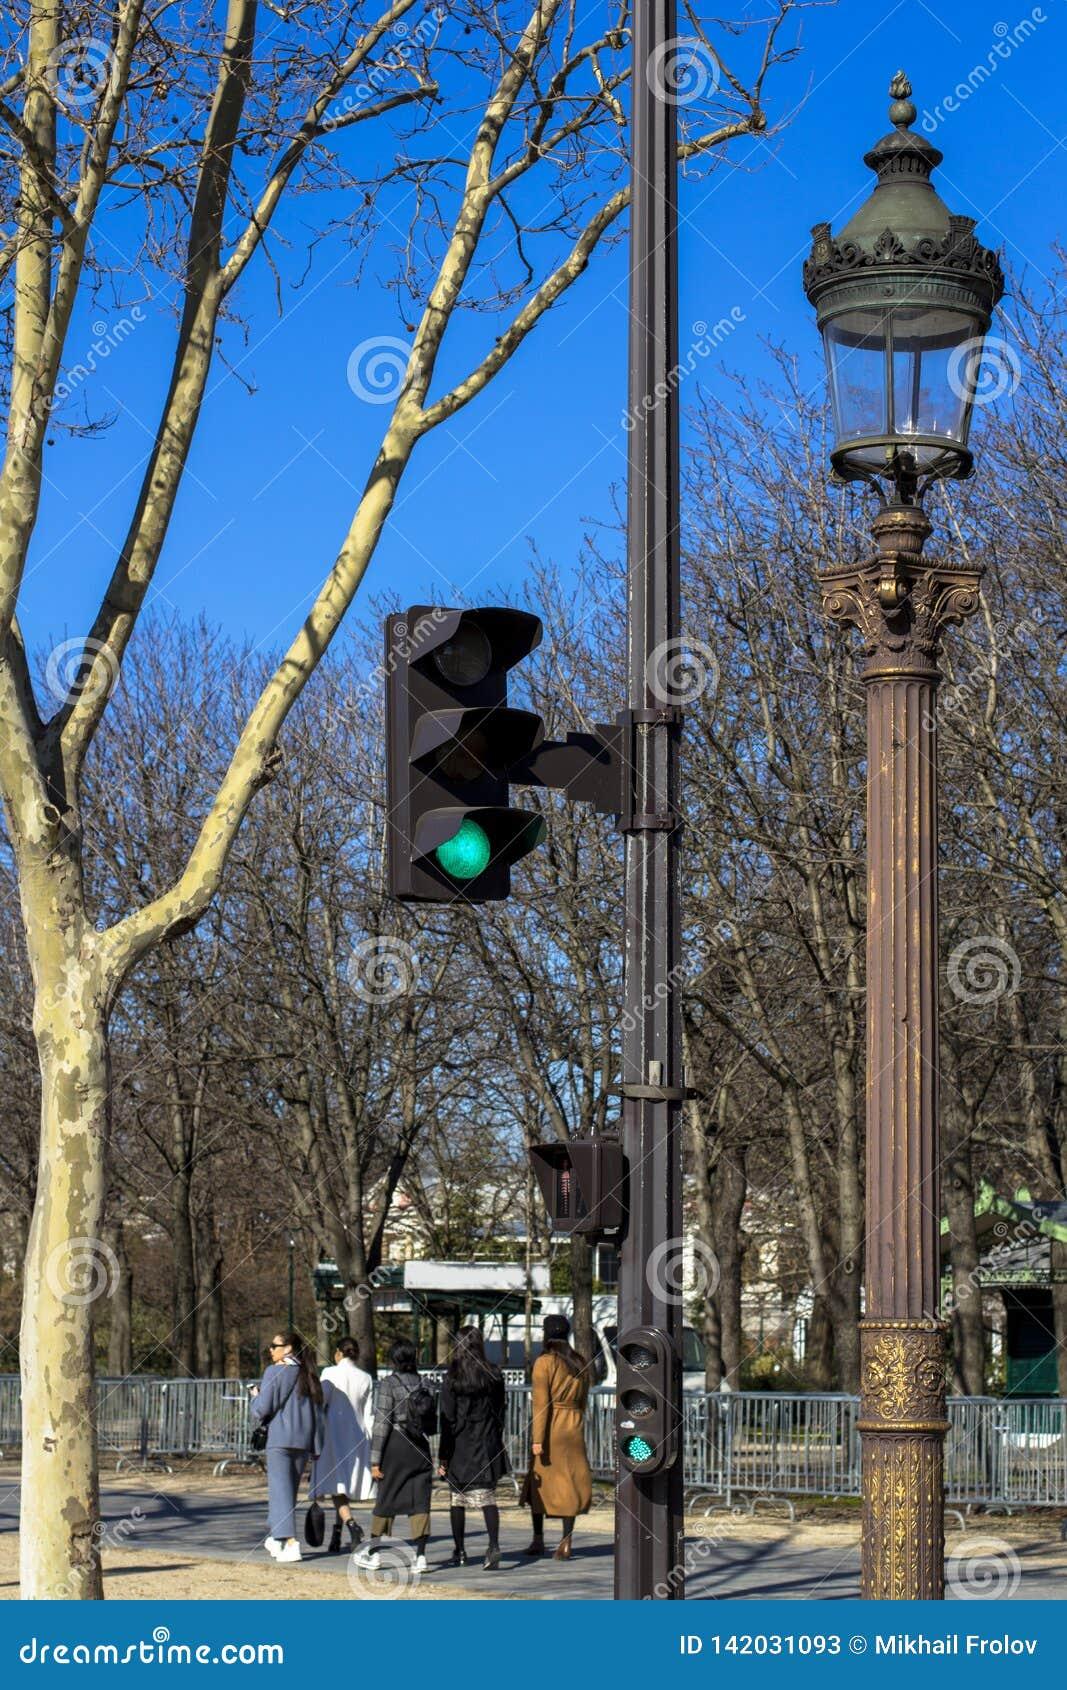 Verkeerslicht, lantaarn, boom tegen de blauwe hemel in de lente in Parijs, waar de mensen in goed weer lopen